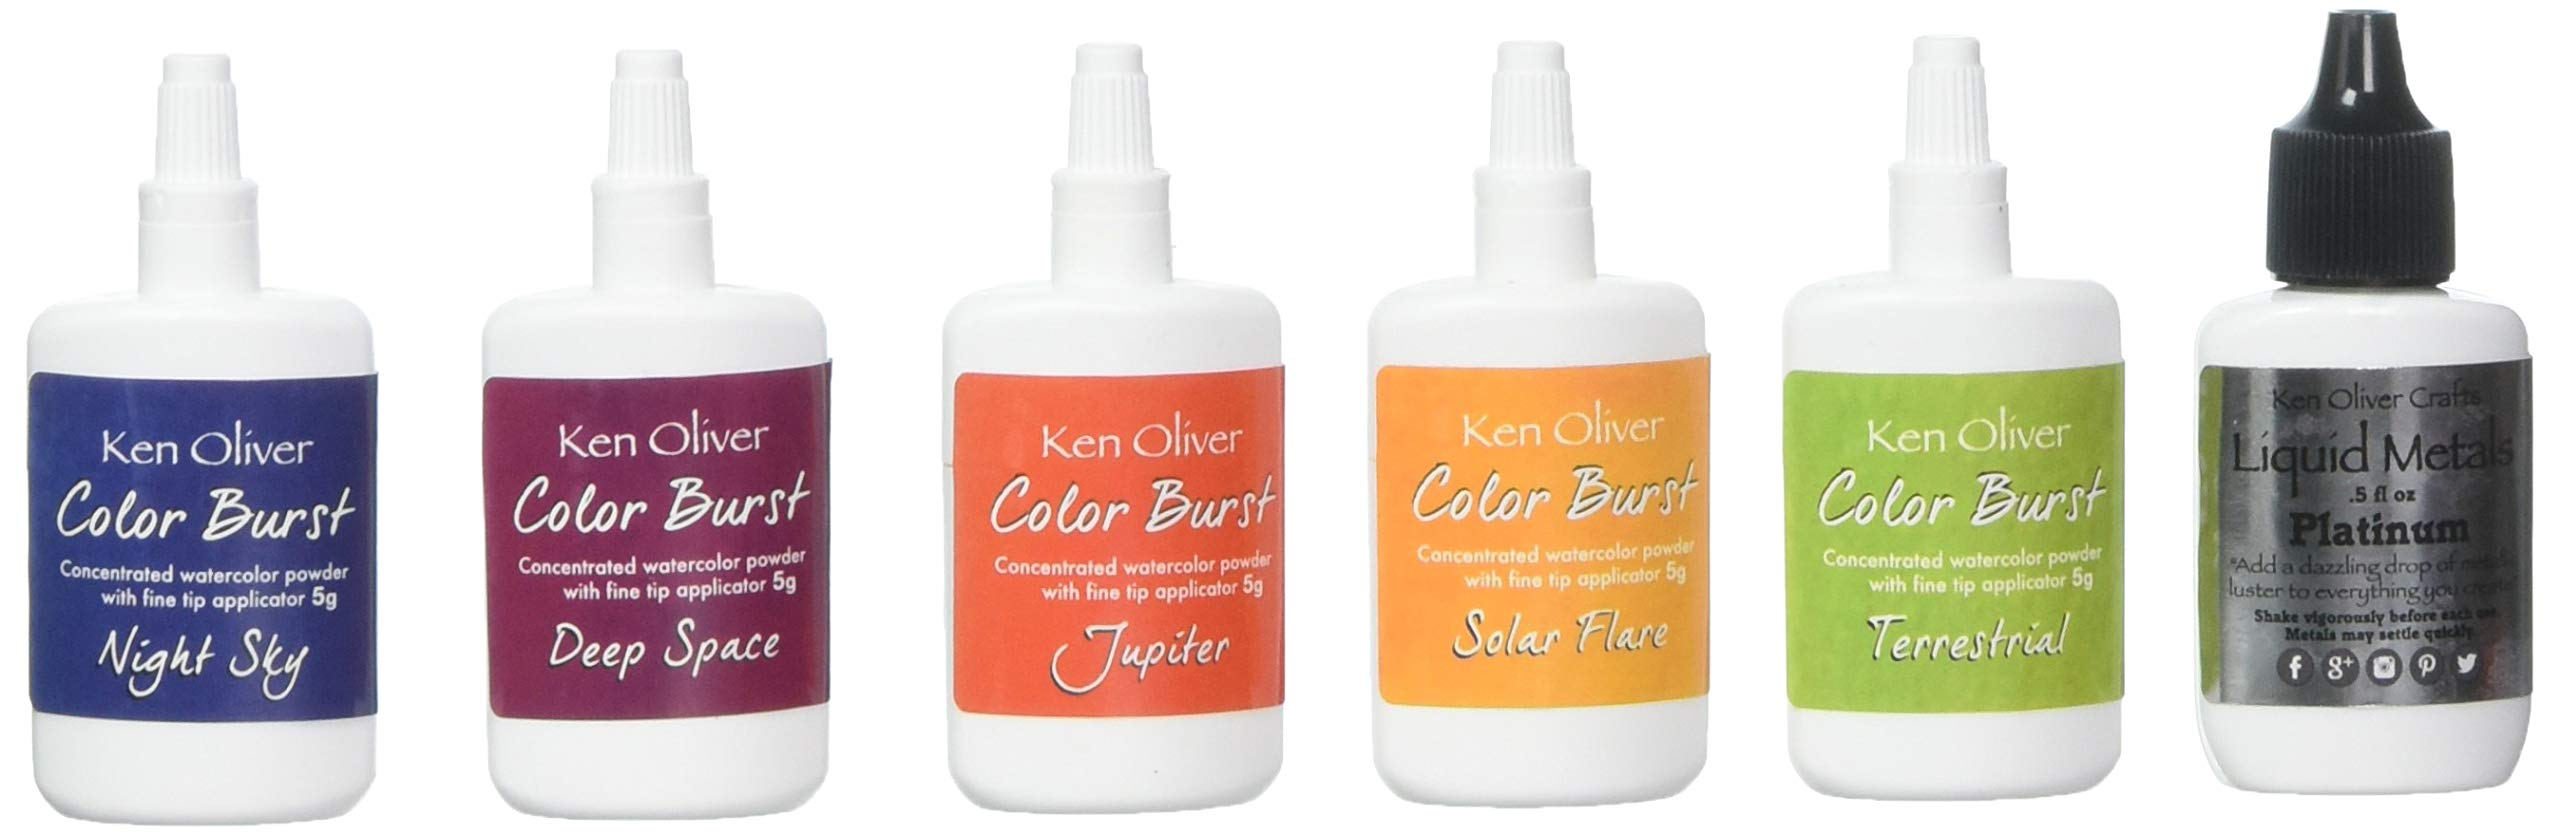 Ken Oliver KN-08176 Color Burst Powder, Multicolor